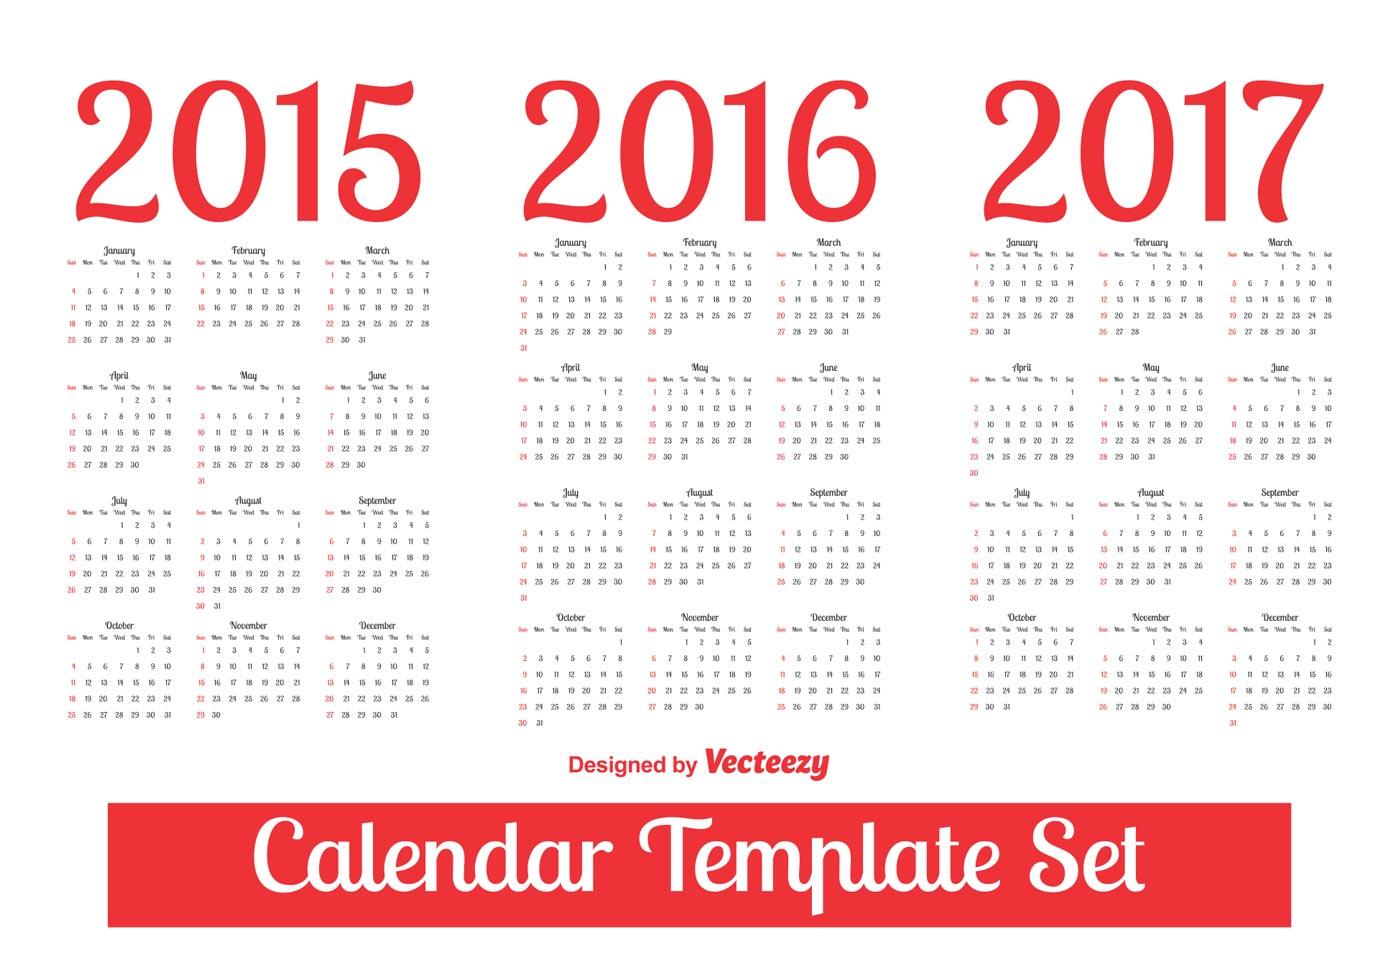 Calendar Template Vector : Calendar template set download free vector art stock